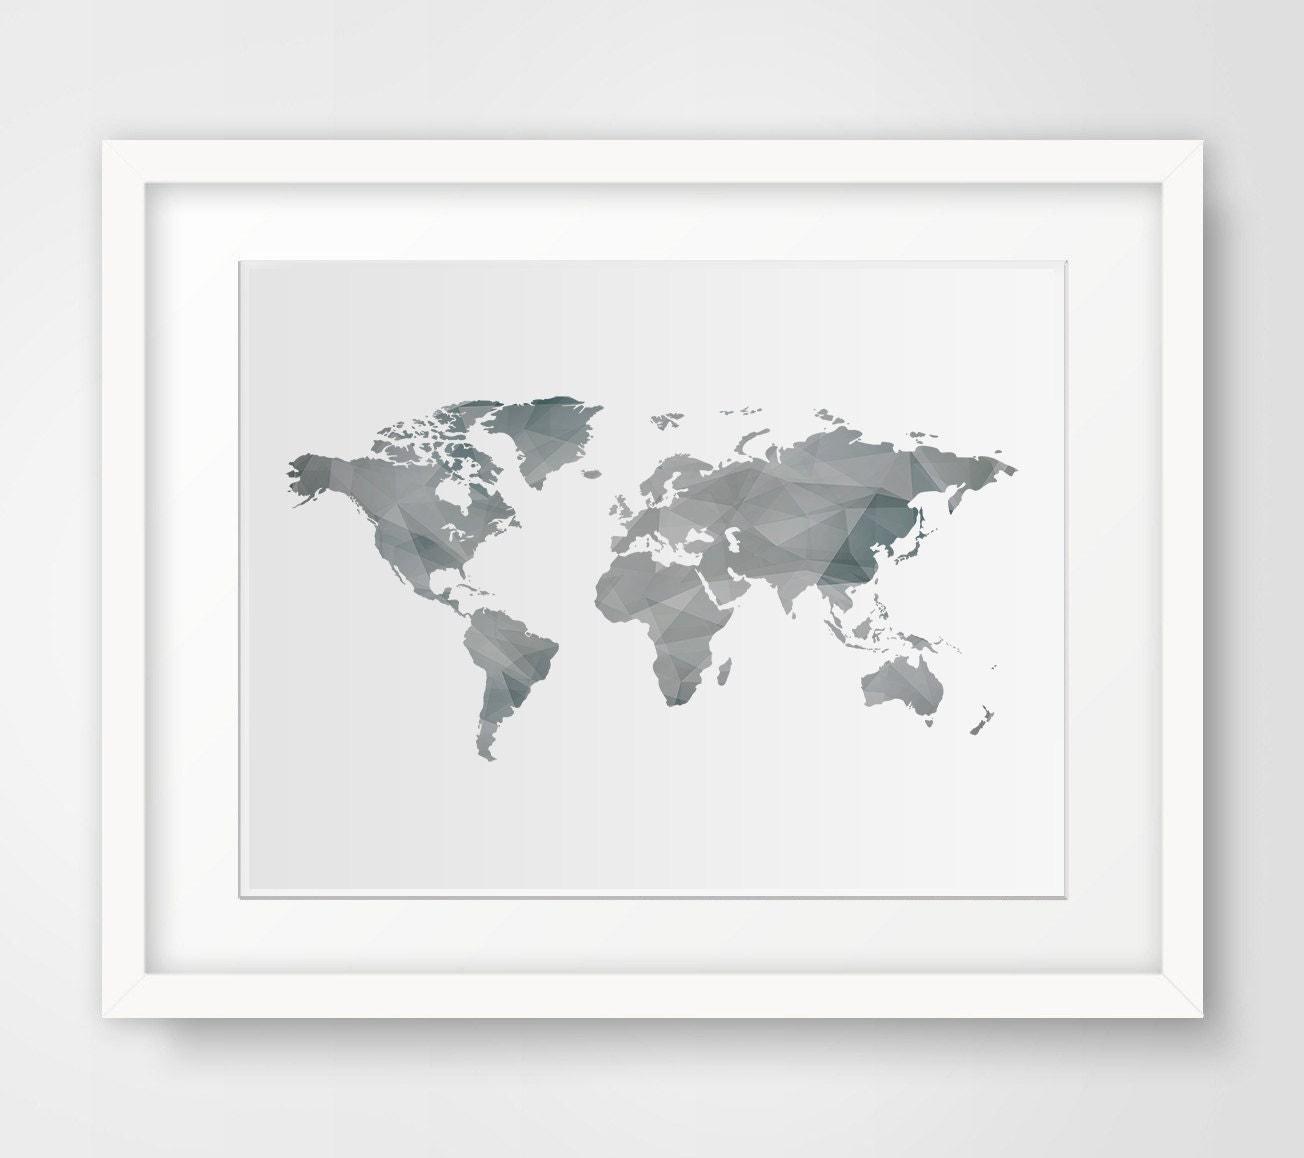 Wall art print modern wall decor world map print world map for World map wall print